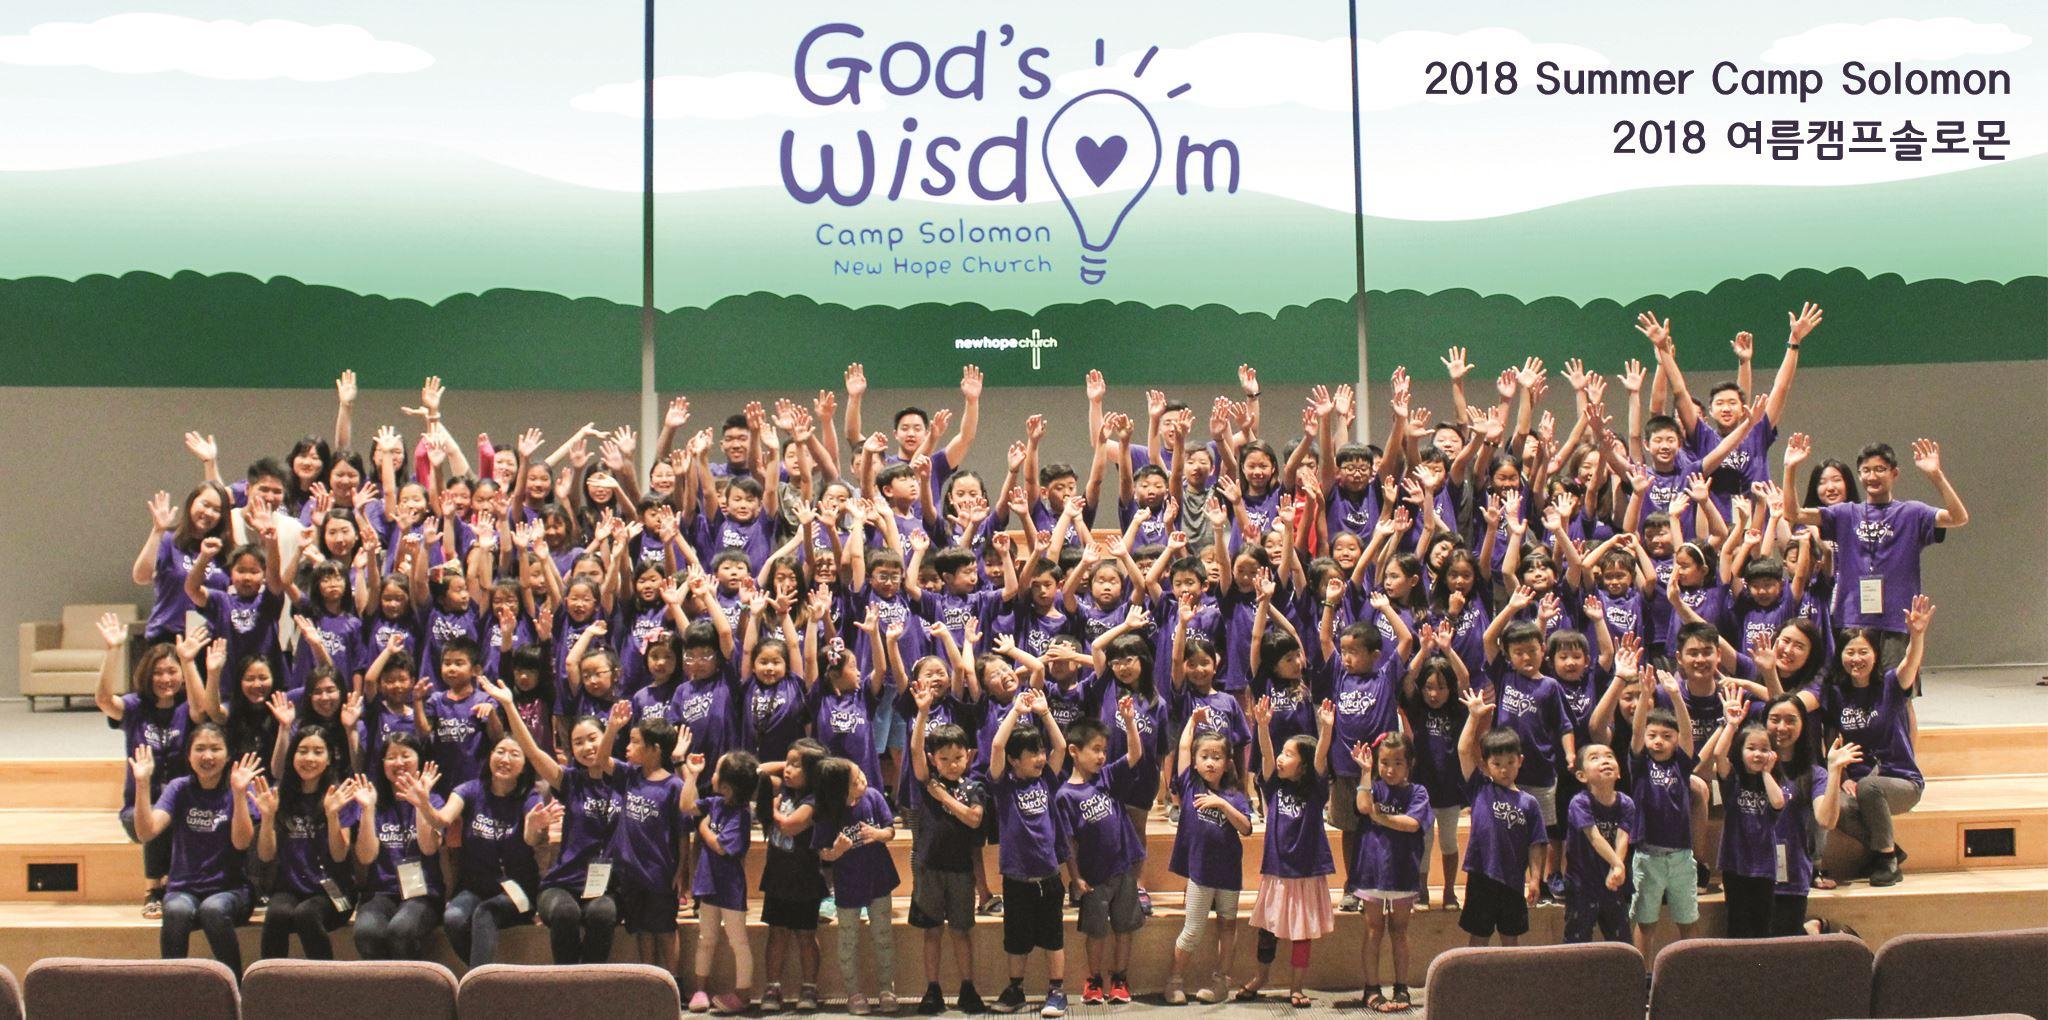 2018 여름캠프 (Summer Camp) - 1